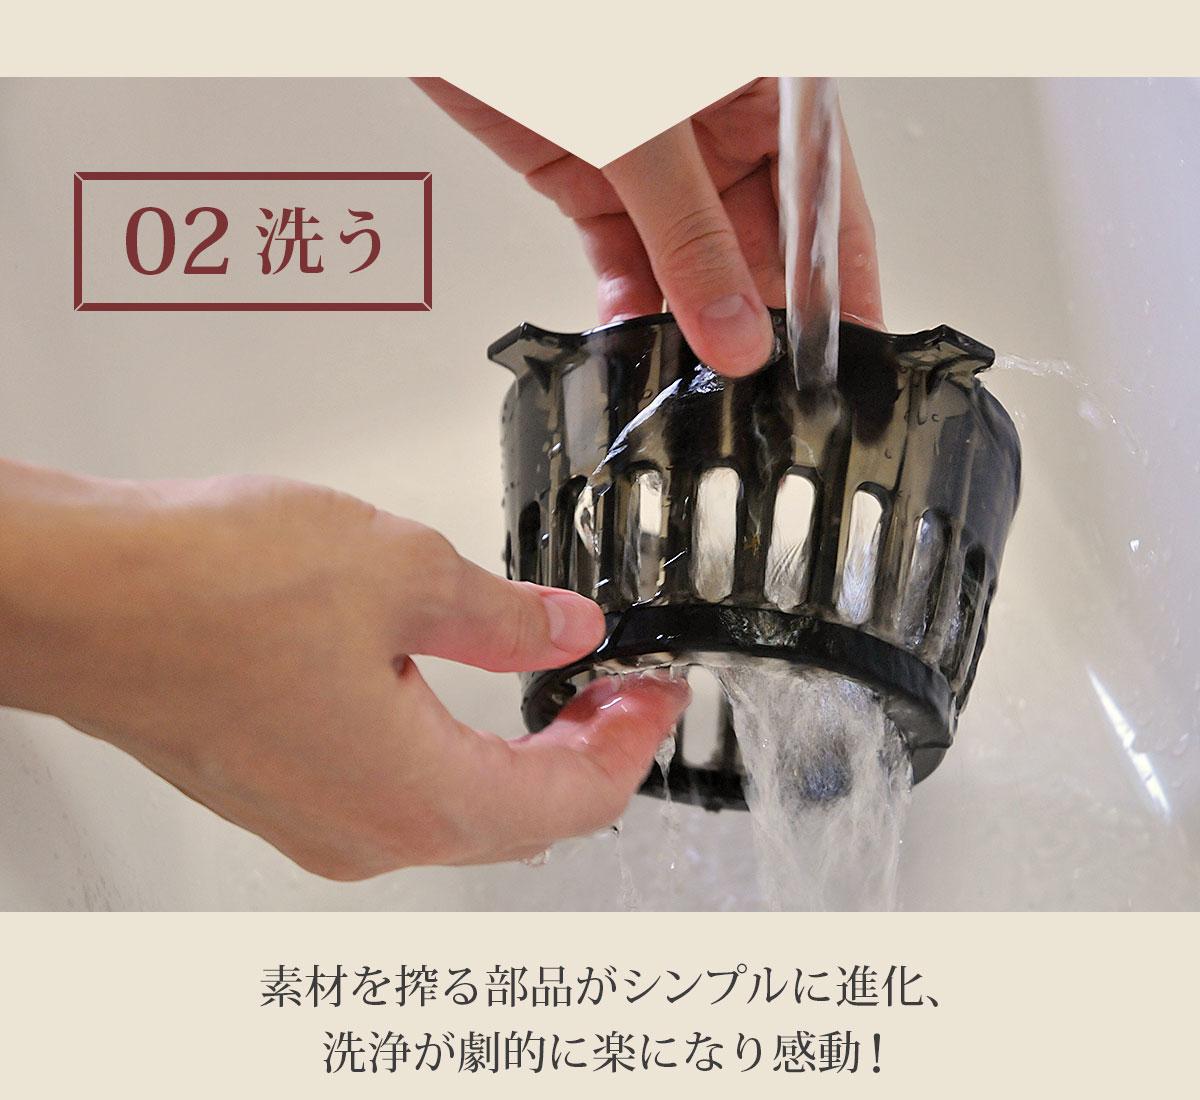 素材を搾る部分がシンプルに進化、洗浄が劇的に楽になり感動!